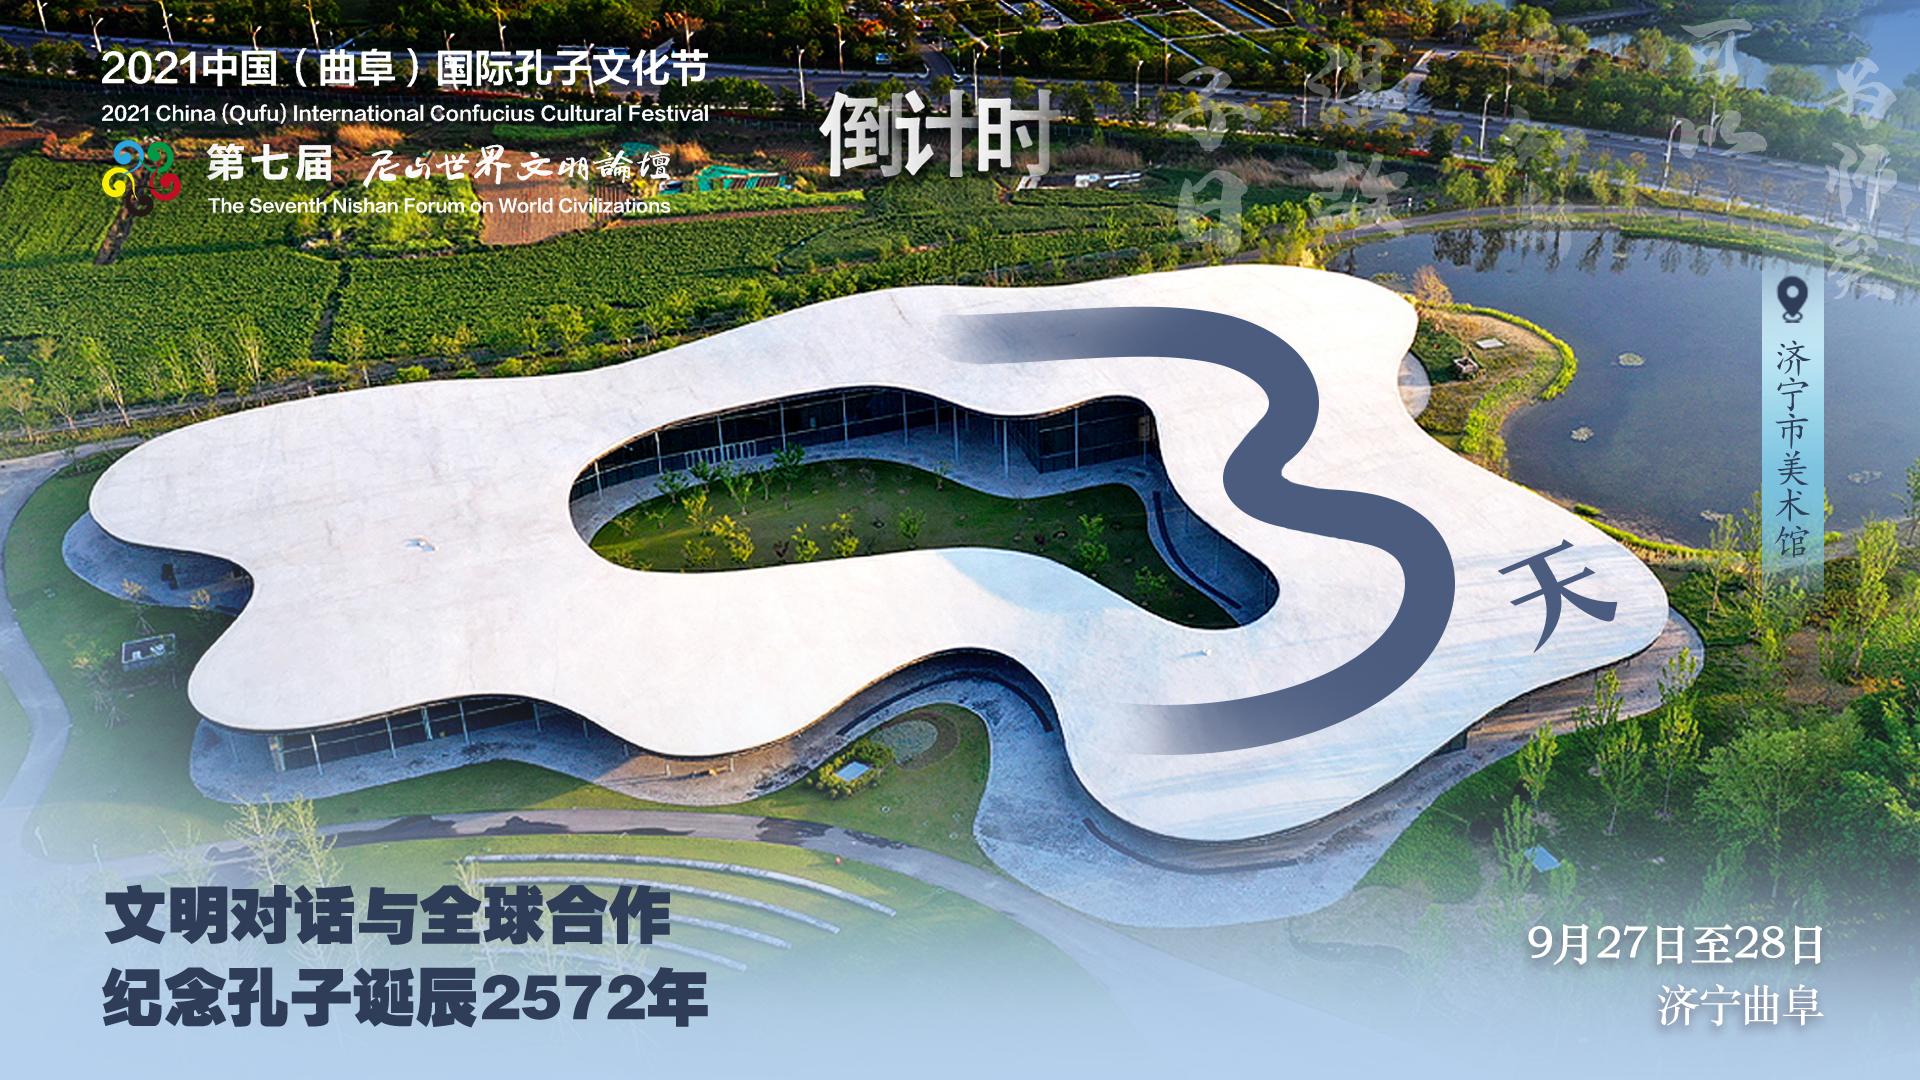 距离2021中国(曲阜)国际孔子文化节、第七届尼山世界文明论坛开幕还有3天!